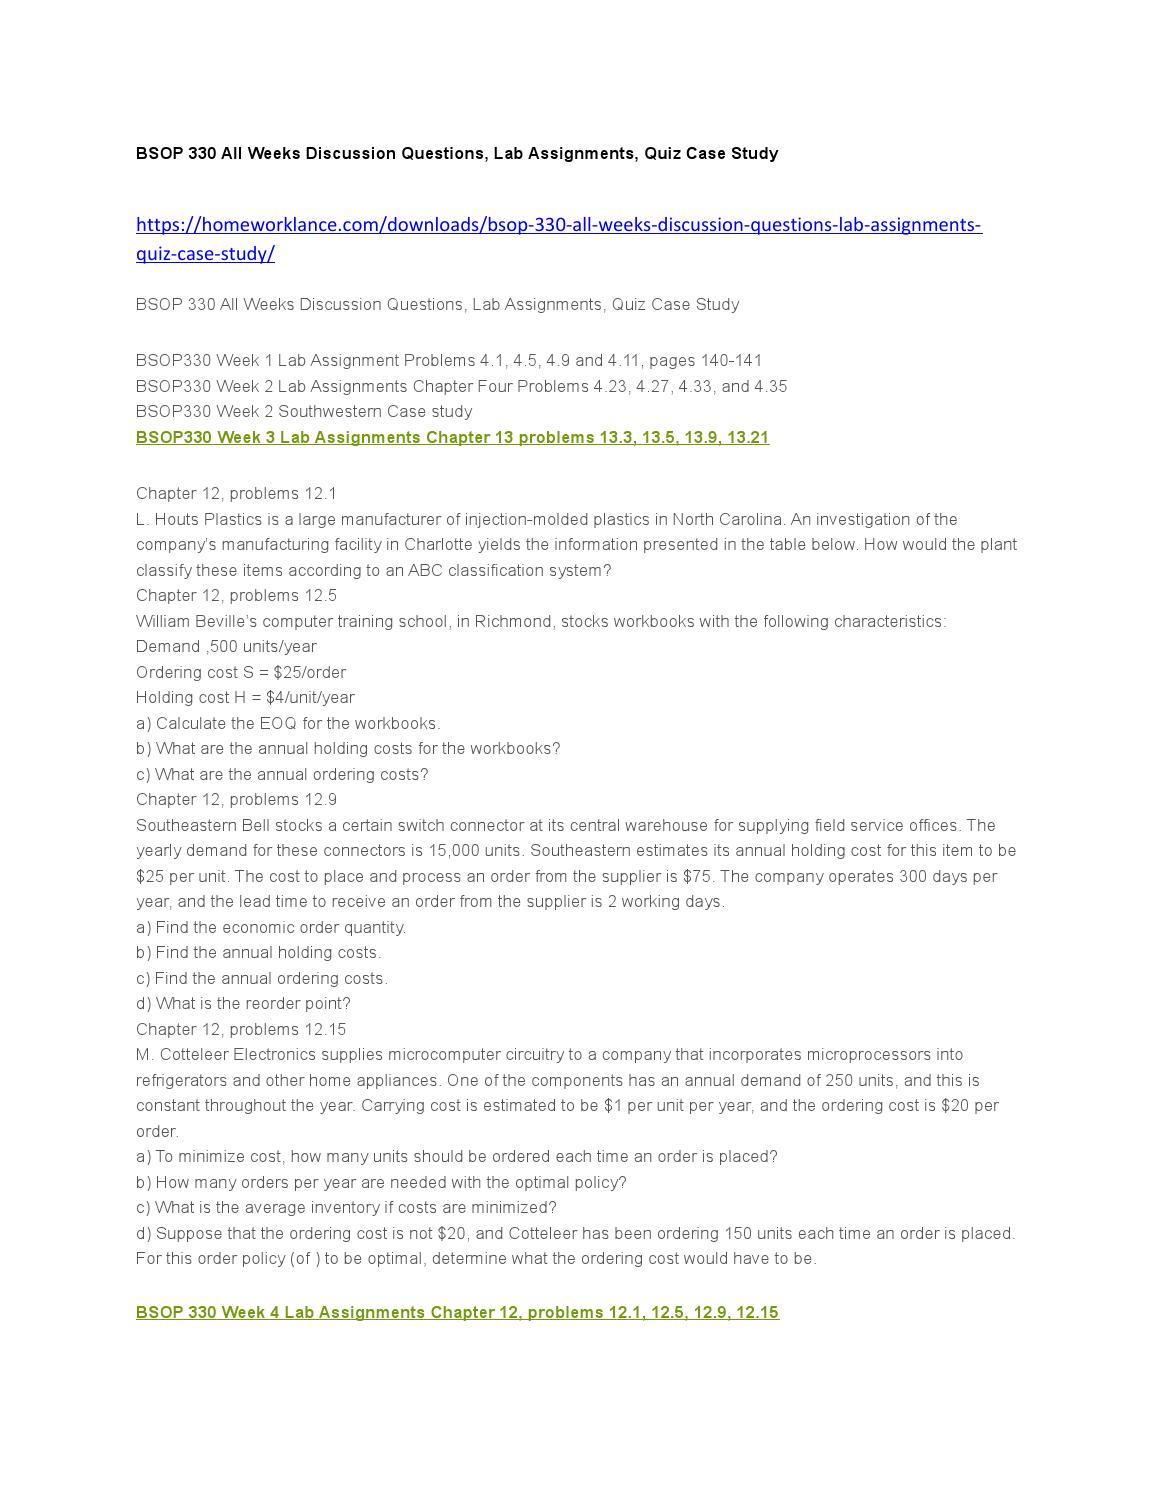 Nmc case study image 8